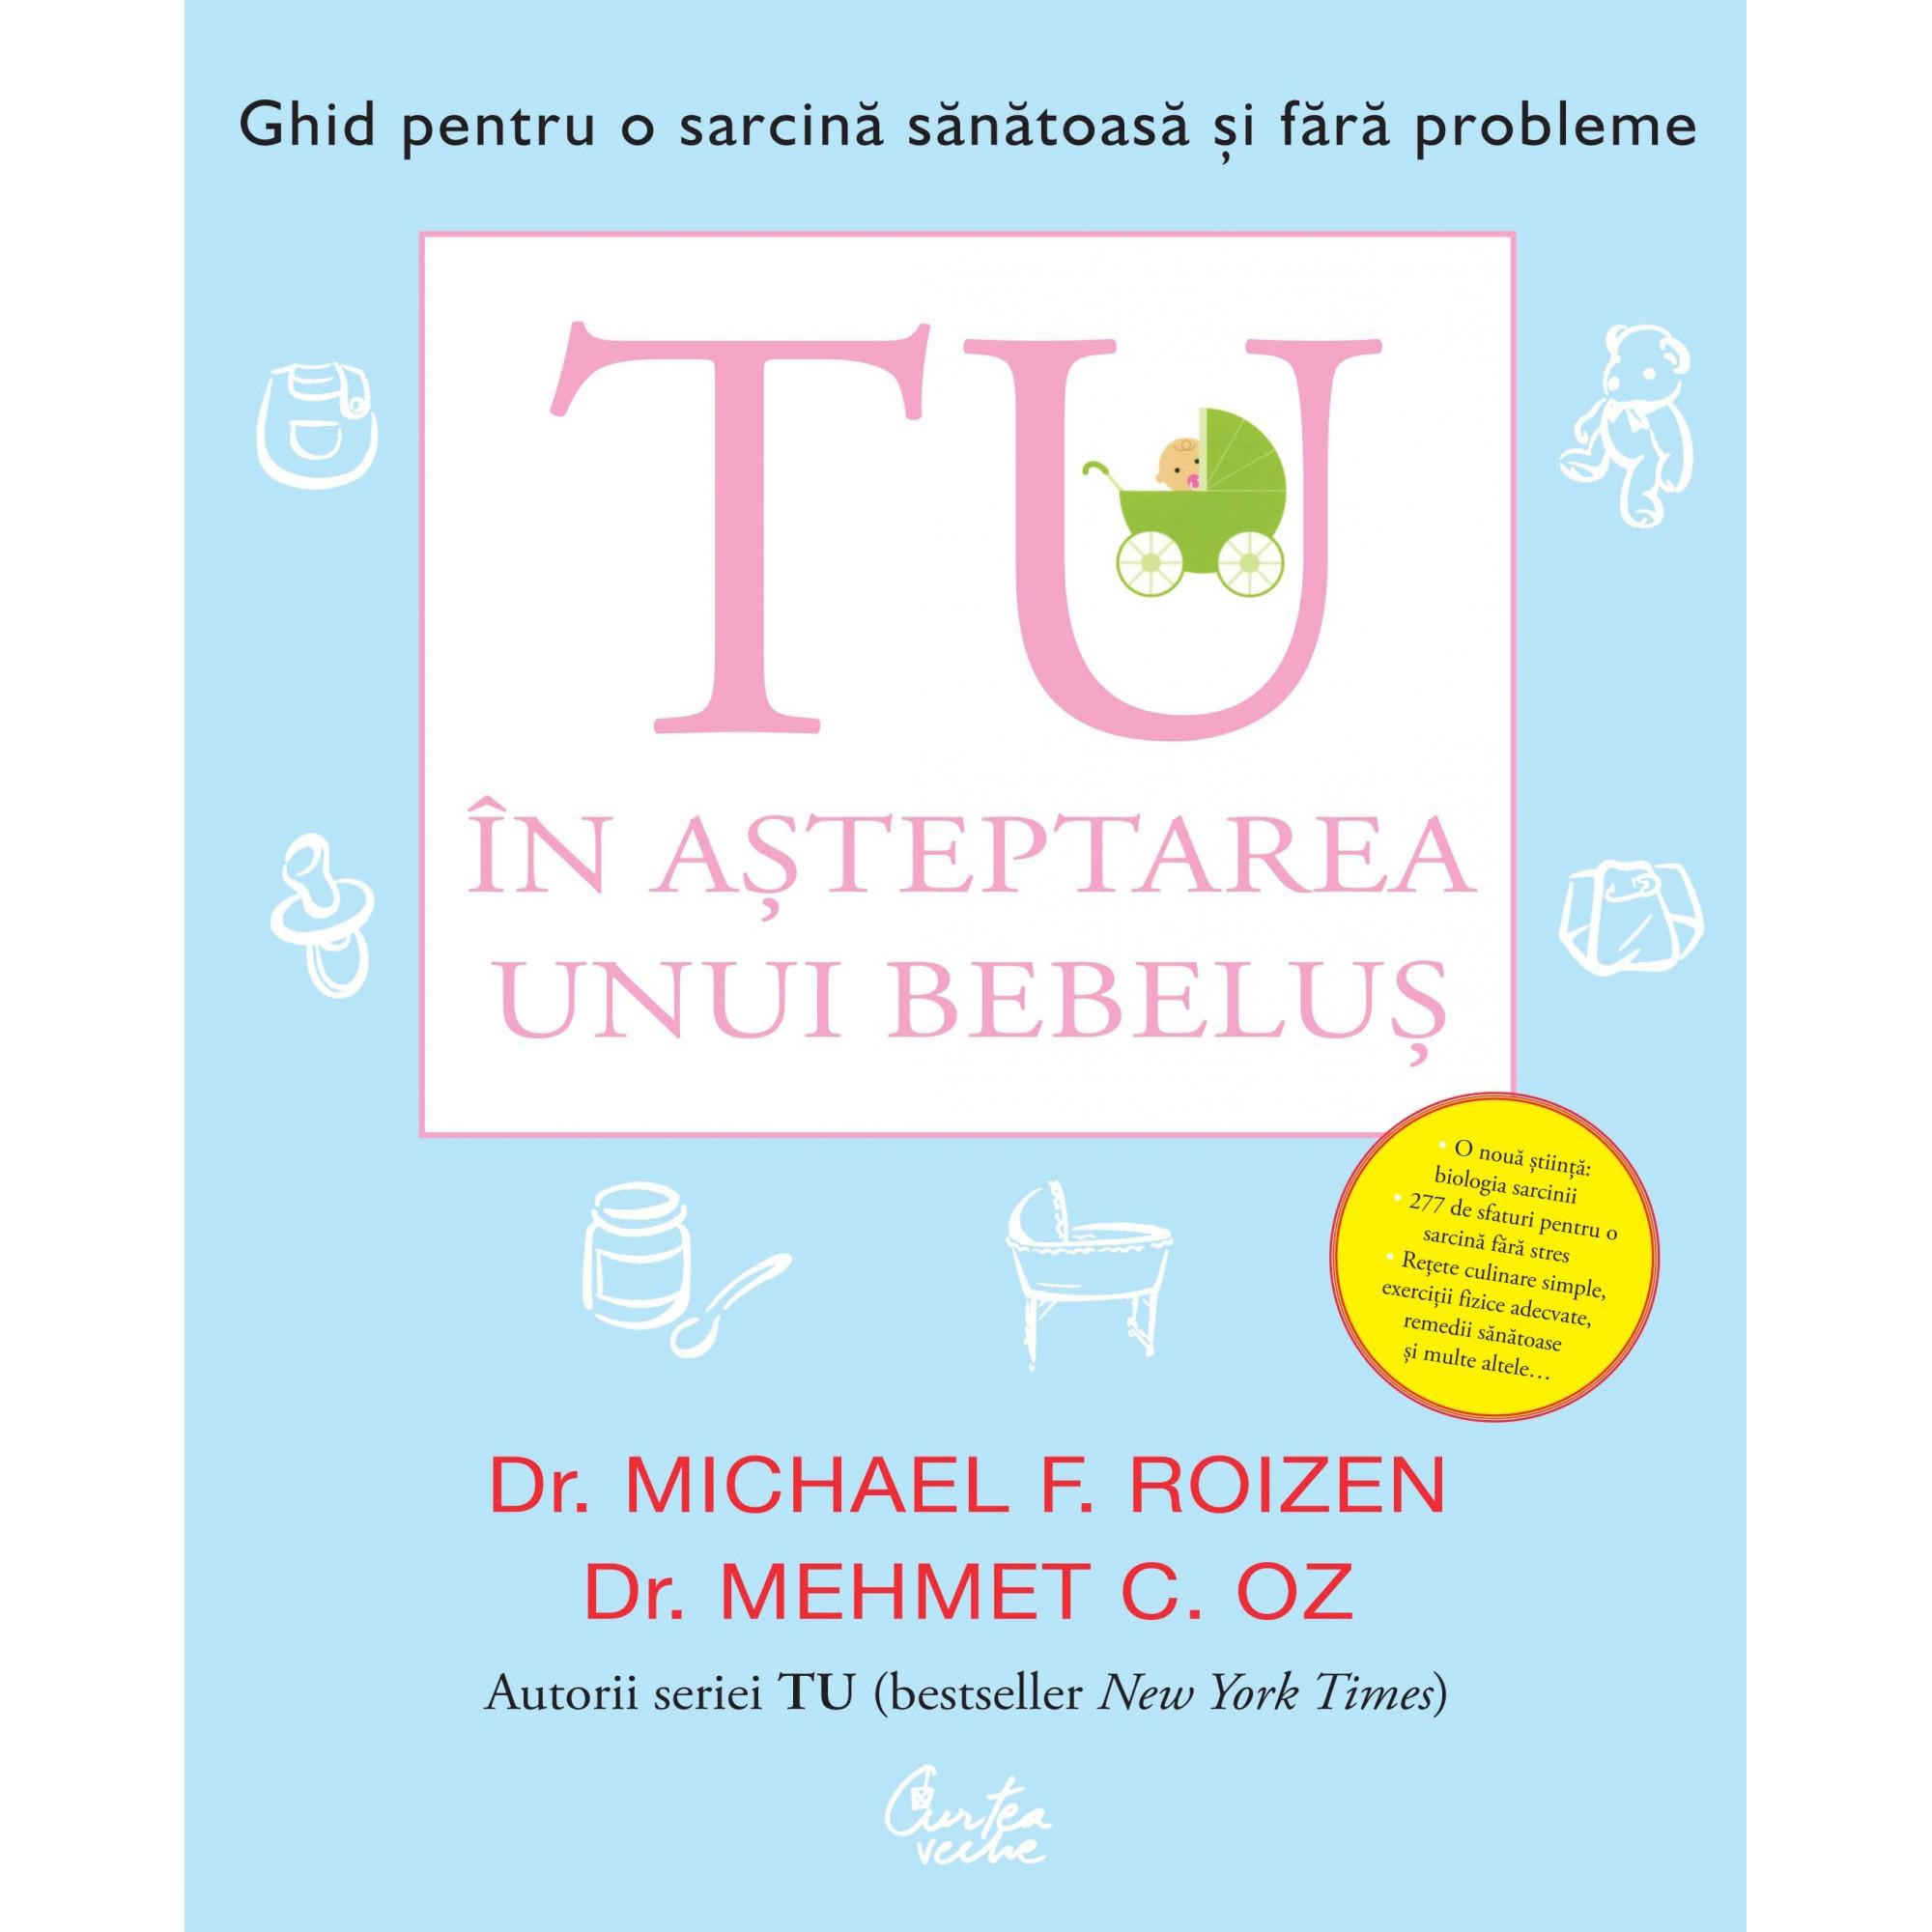 Tu. În așteptarea unui bebeluș. Ghid pentru o sarcină sănătoasă și fără probleme; Dr. Michael F. Roizen, Dr. Mehmet C. Oz